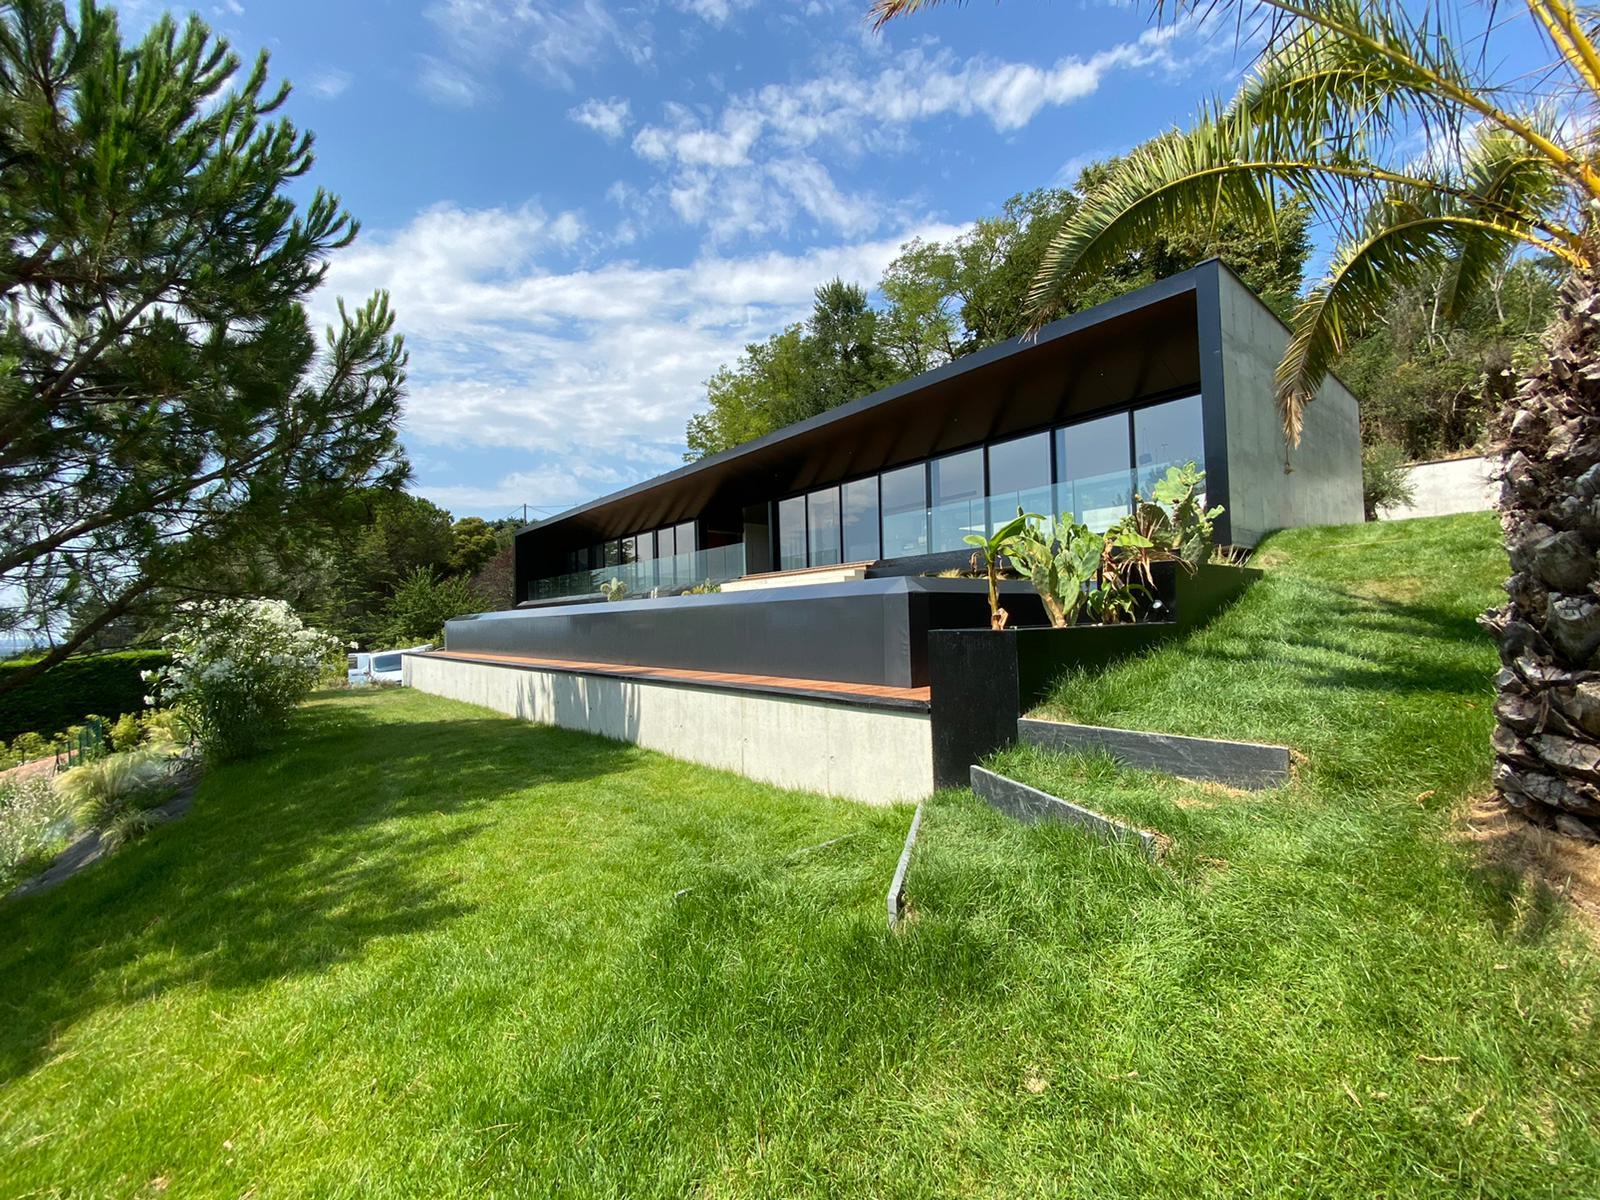 aménagement du jardin avec une piscine à débordement, une terrasse et des espaces verts à toulouse